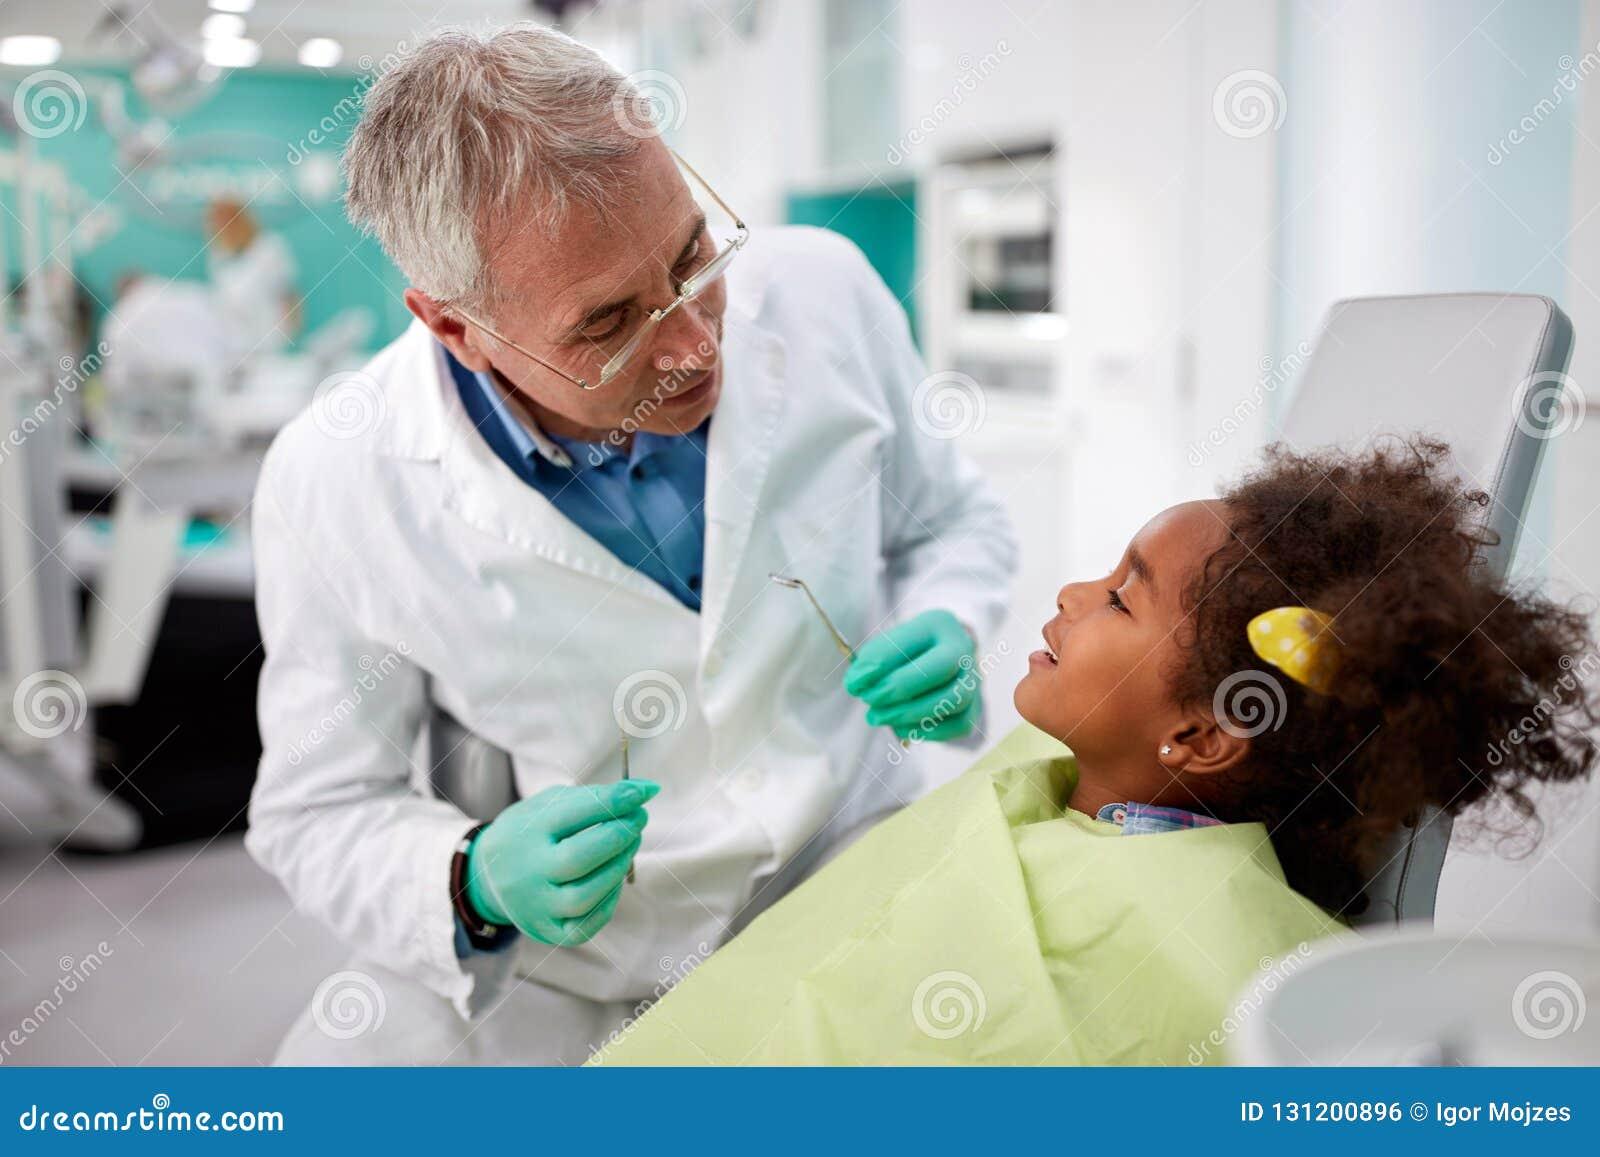 zahnarzt mit kind in der zahnmedizinischen praxis